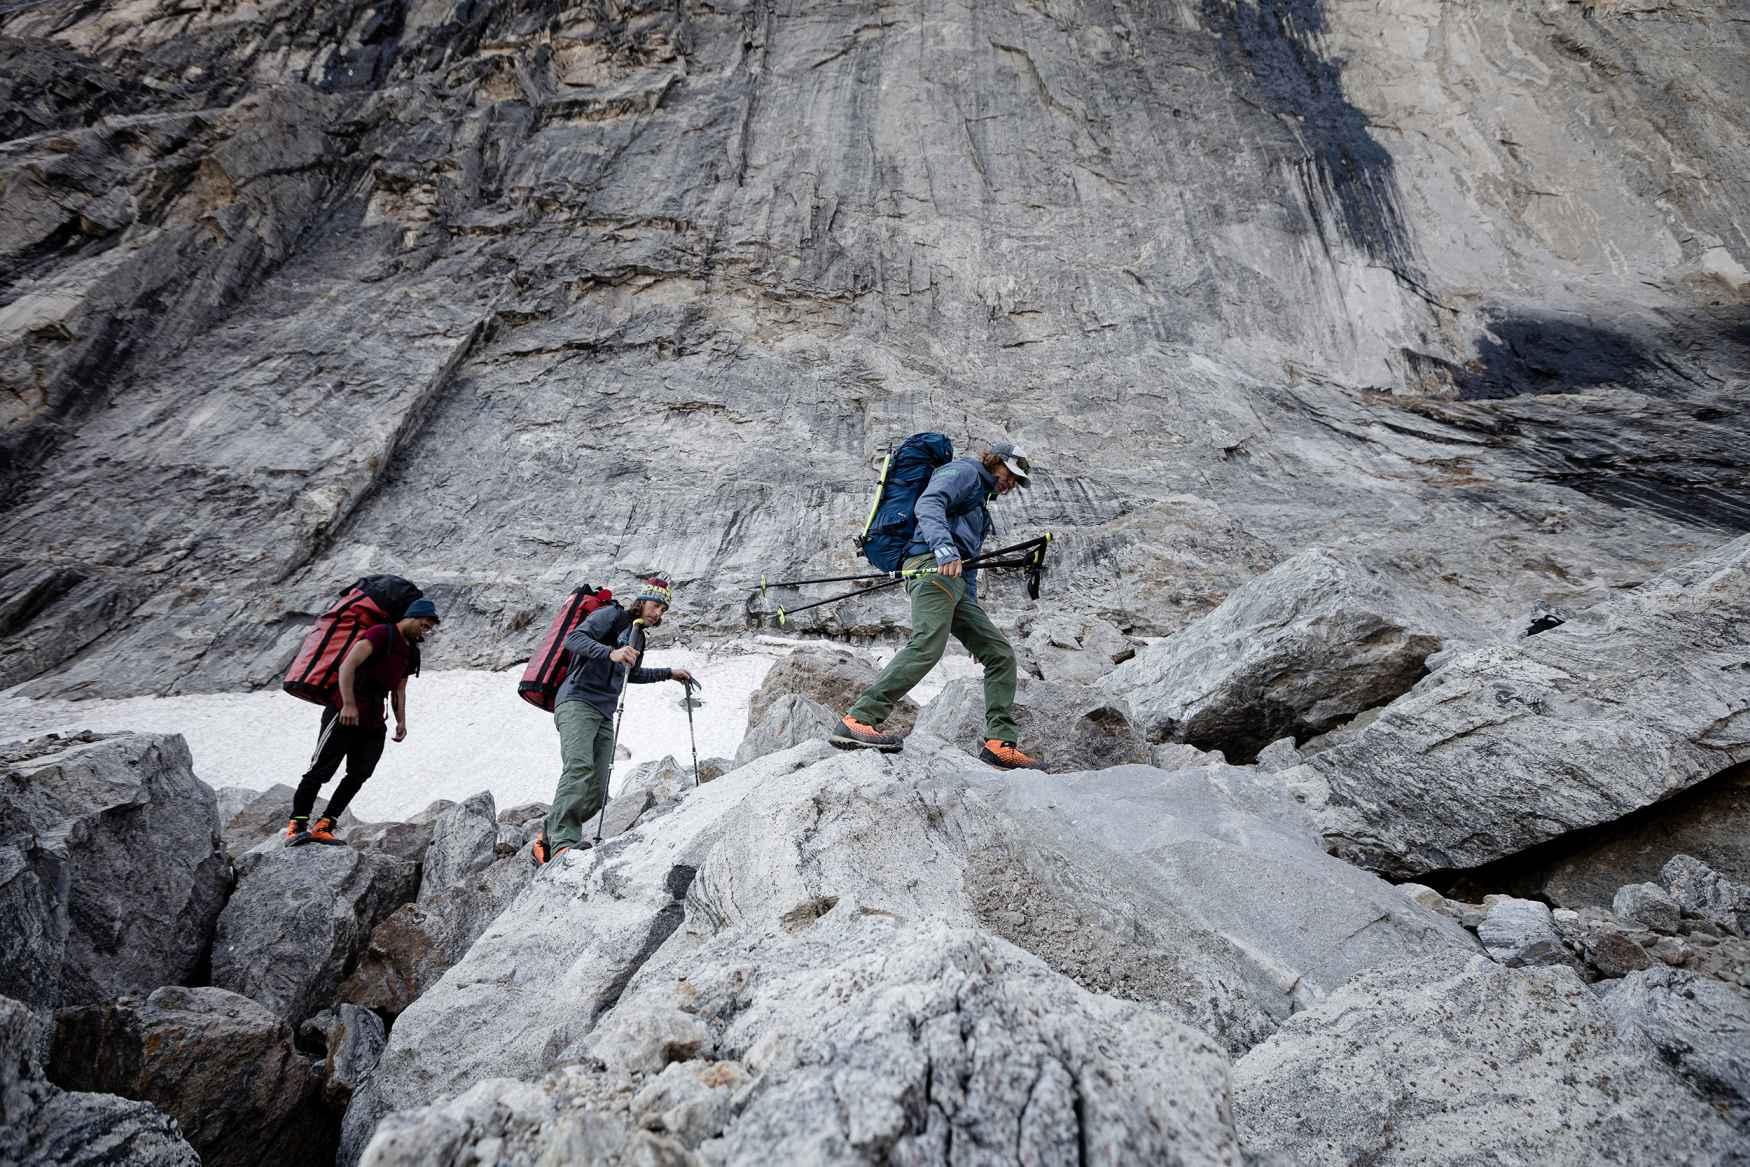 Pour la marche en montagne, la légèreté d'une chaussure est aussi importante que ses performances. Mieux vaut donc opter pour un modèle associant ces deux qualités. Pour concevoir le modèle ALPINE SL GTX, LOWA a reçu l'assistance de véritables professionnels de l'alpinisme: les athlètes de l'équipe LOWA PRO. La marque a choisi la technologie Vibram® LITEBASE pour minimiser le poids de la semelle, tout en conservant d'excellentes performances en montagne. La chaussure comprend également plusieurs fonctionnalités très appréciées des professionnels, comme un laçage à deux zones et une doublure imperméable GORE-TEX.